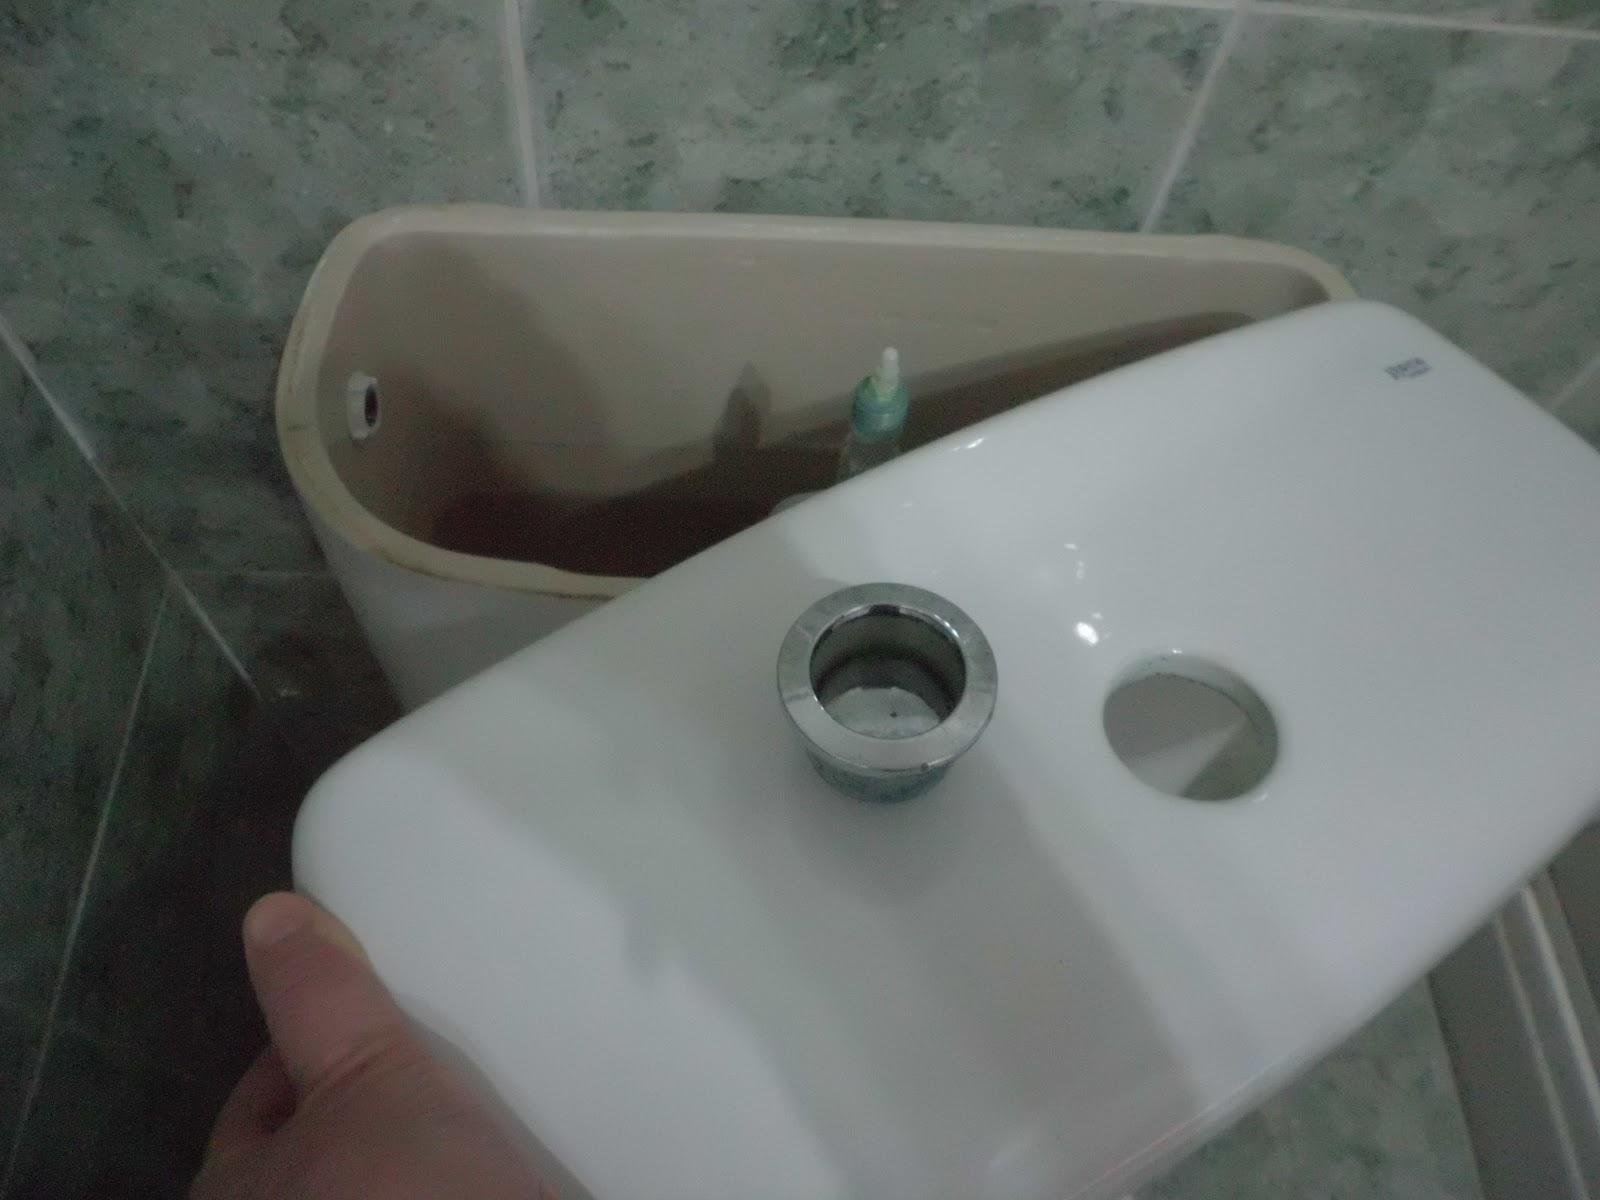 La madre que no te pari ahorrar agua con la cisterna de wc for Tapa cisterna roca